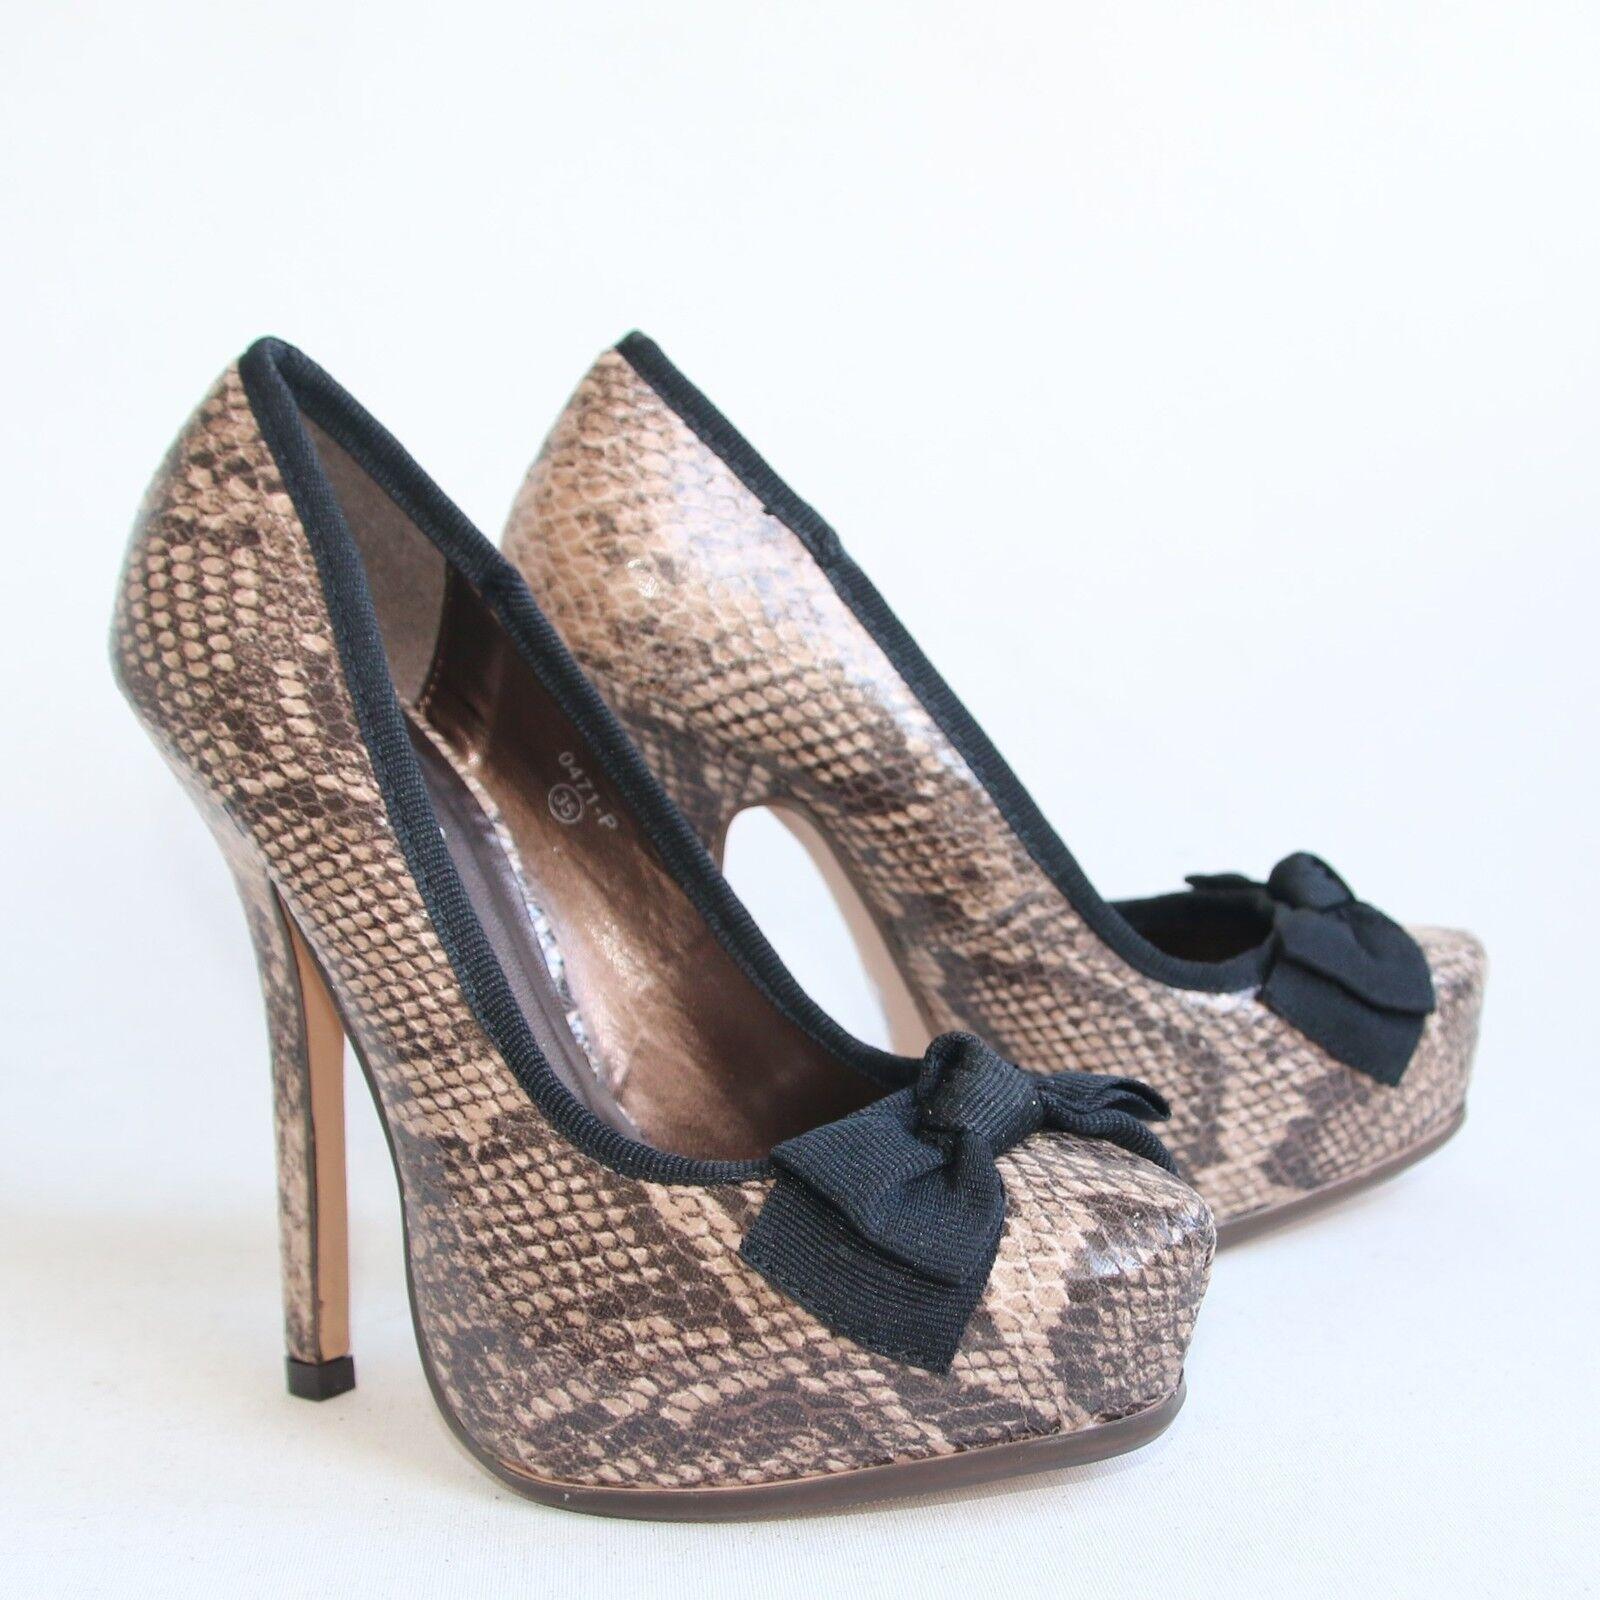 Damen Plateau High Heels Braun 35 Stilettos Lack Pumps Shoes 0471-P .